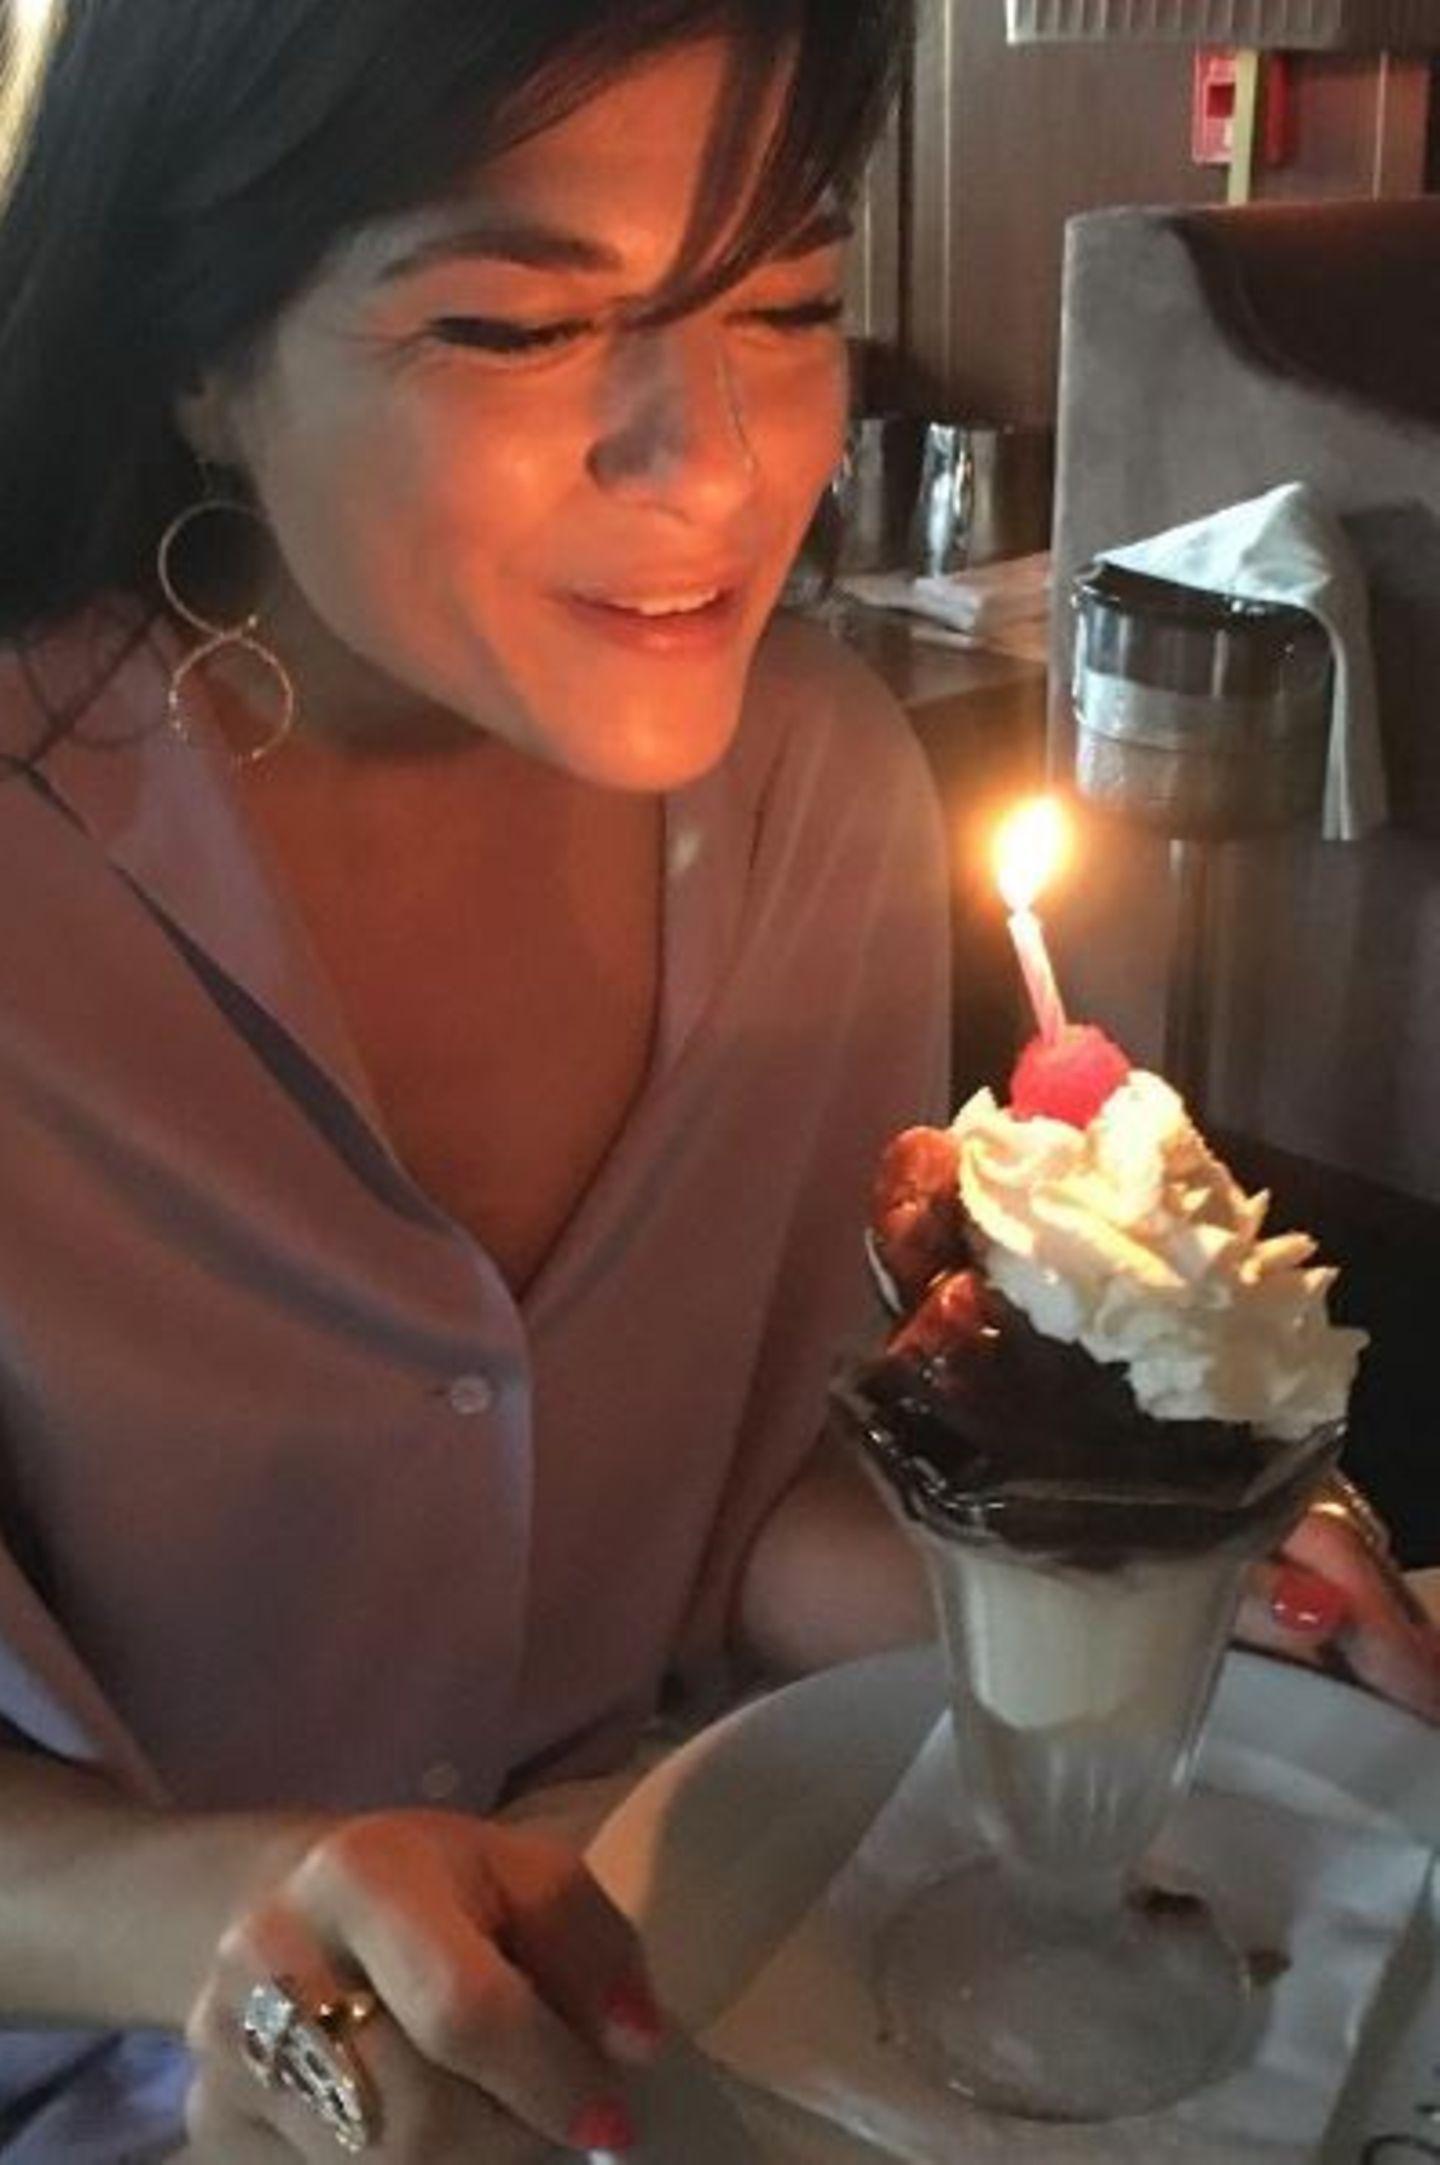 23. Juni 2017  Weil auf den Sahnehaufen keine 45 Kerzen passen, muss Selma Blair sich mit einer zufriedengeben. Glücklich über ihren Eisbecher scheint sie dennoch zu sein.